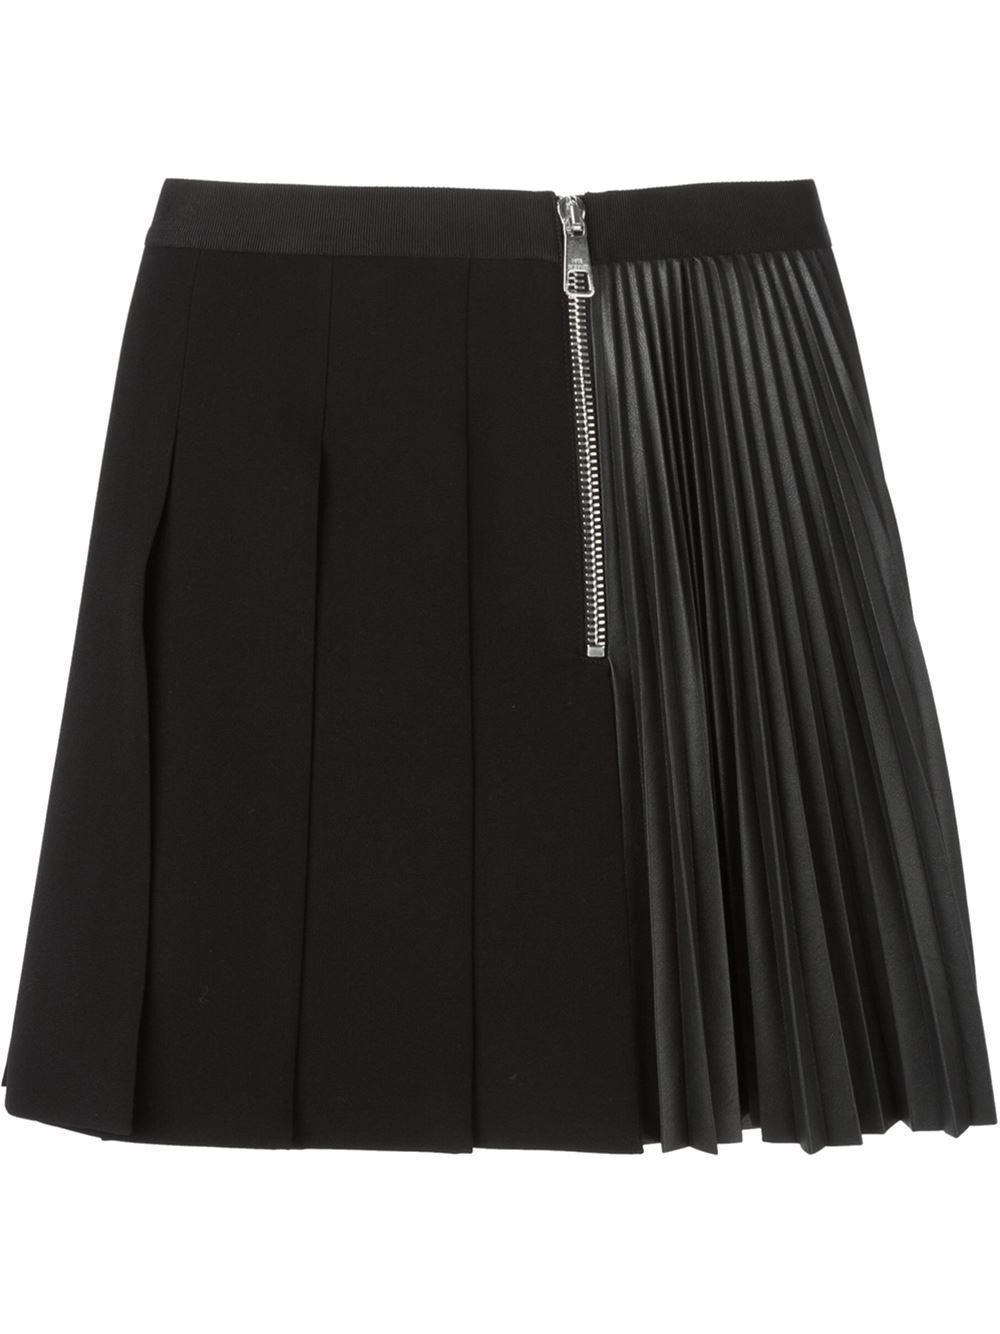 Pleated Black Mini Skirt 21